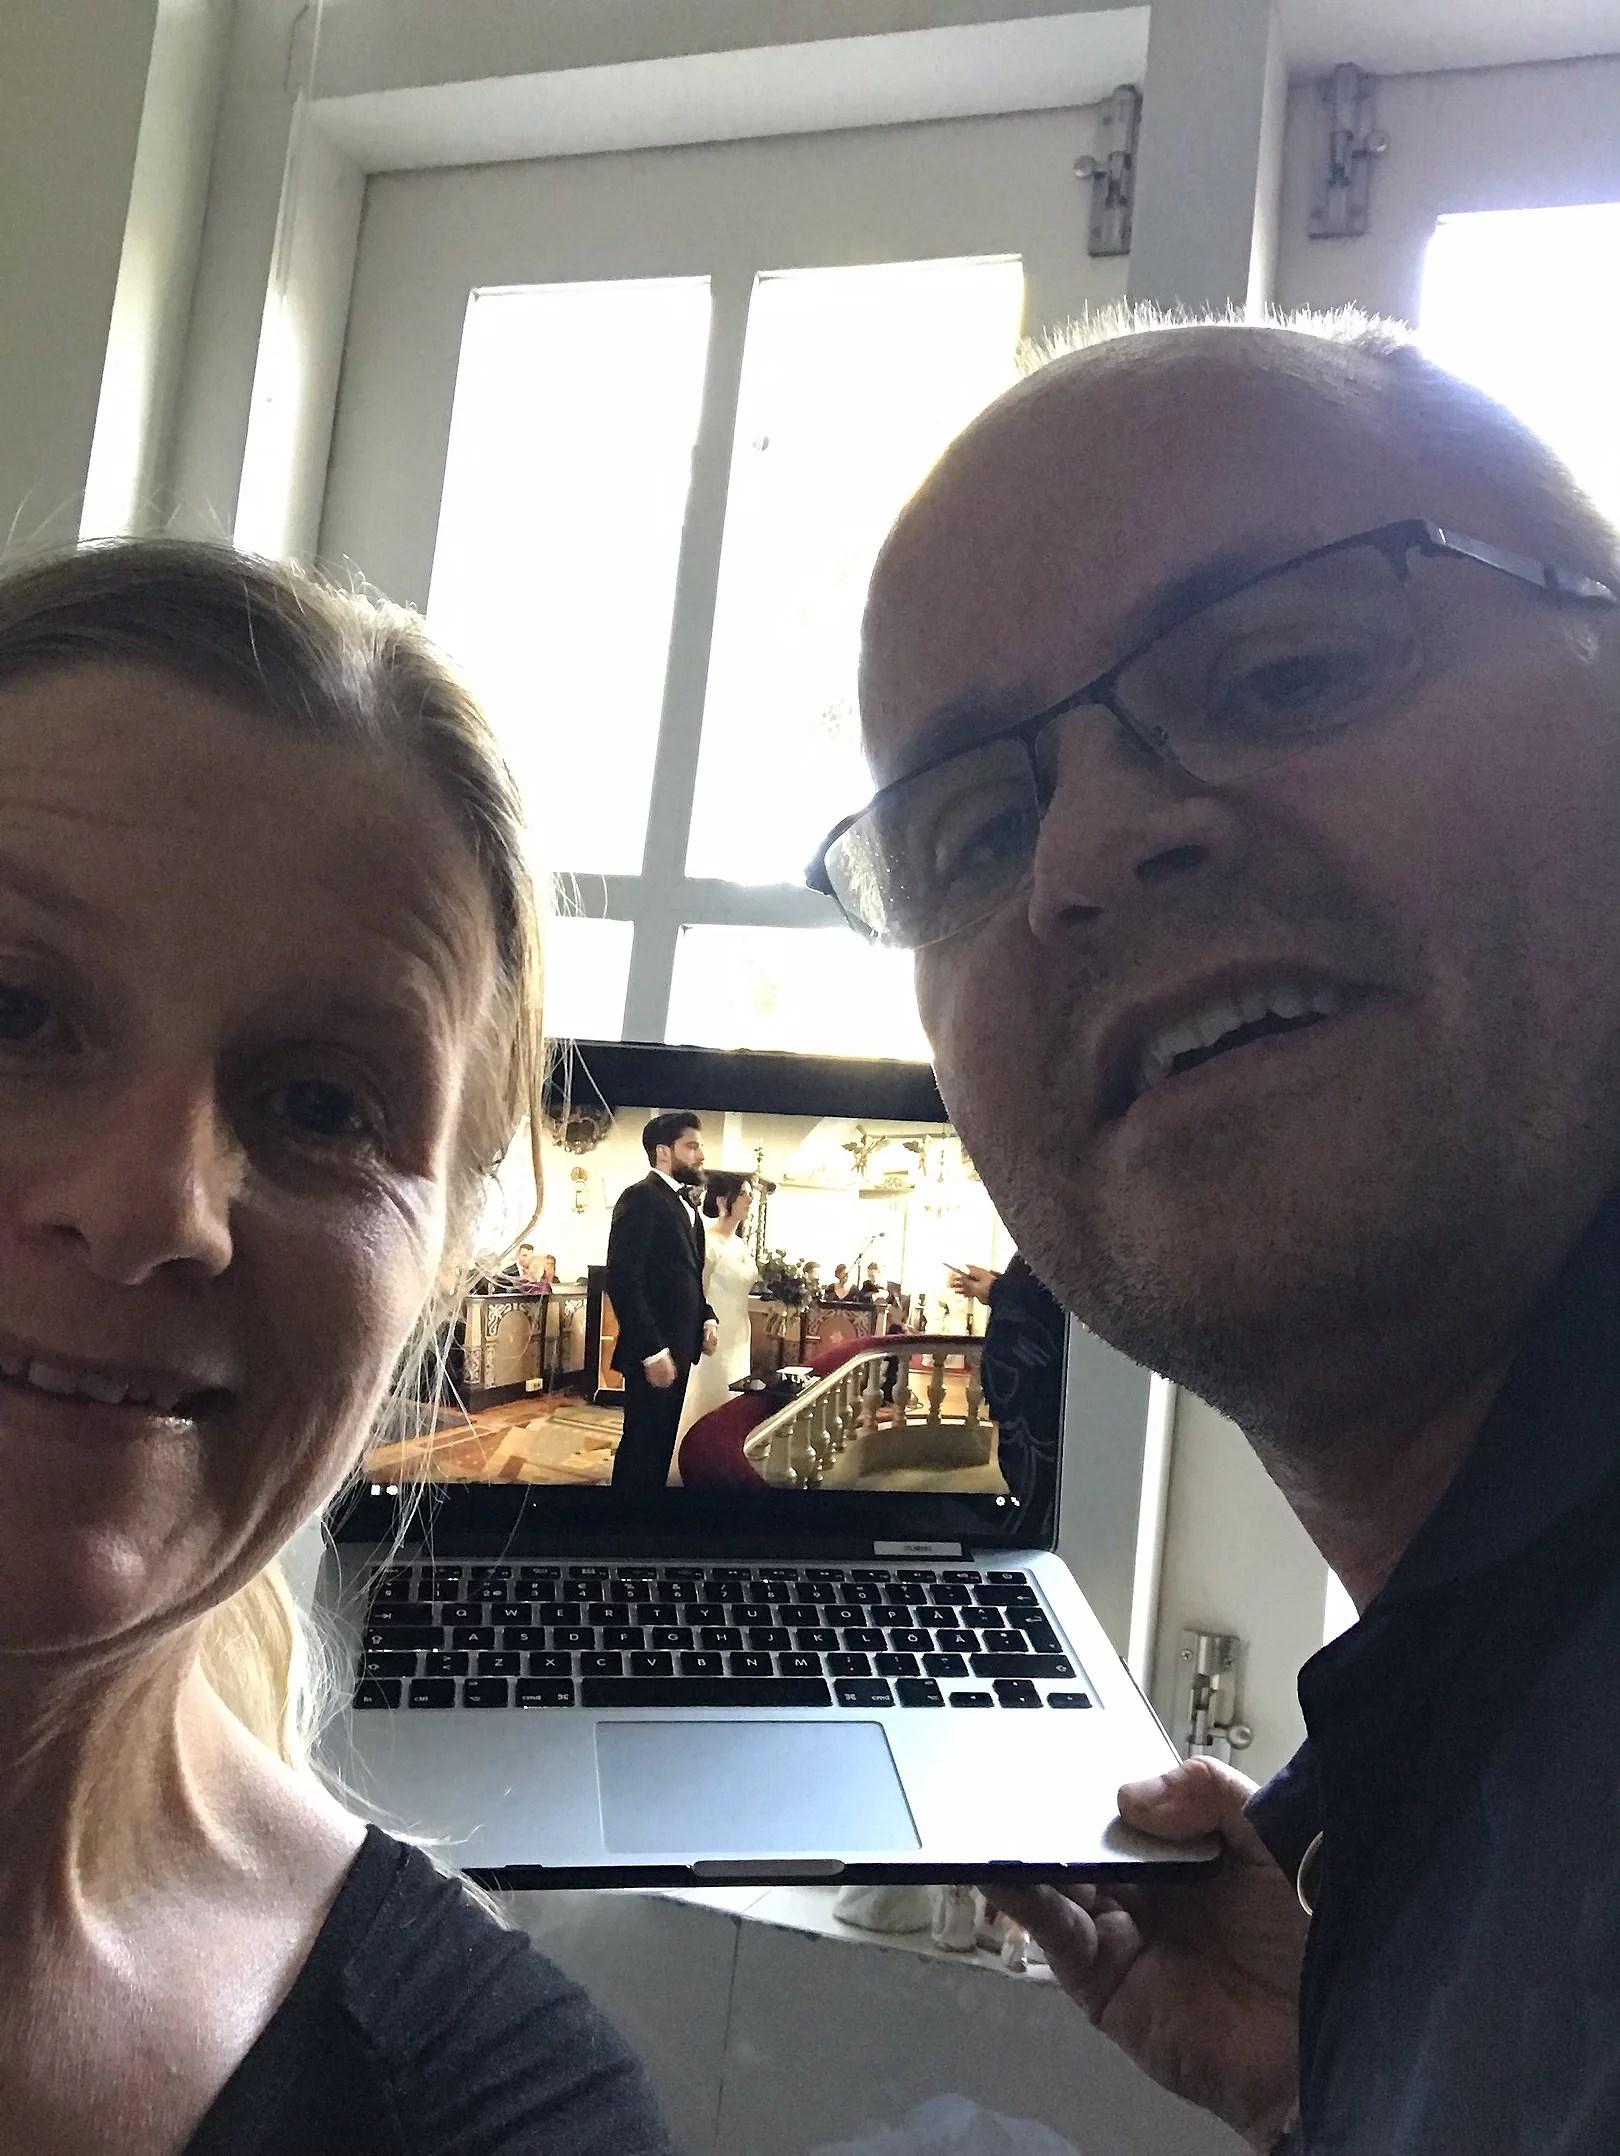 Språk, datorer och bröllop